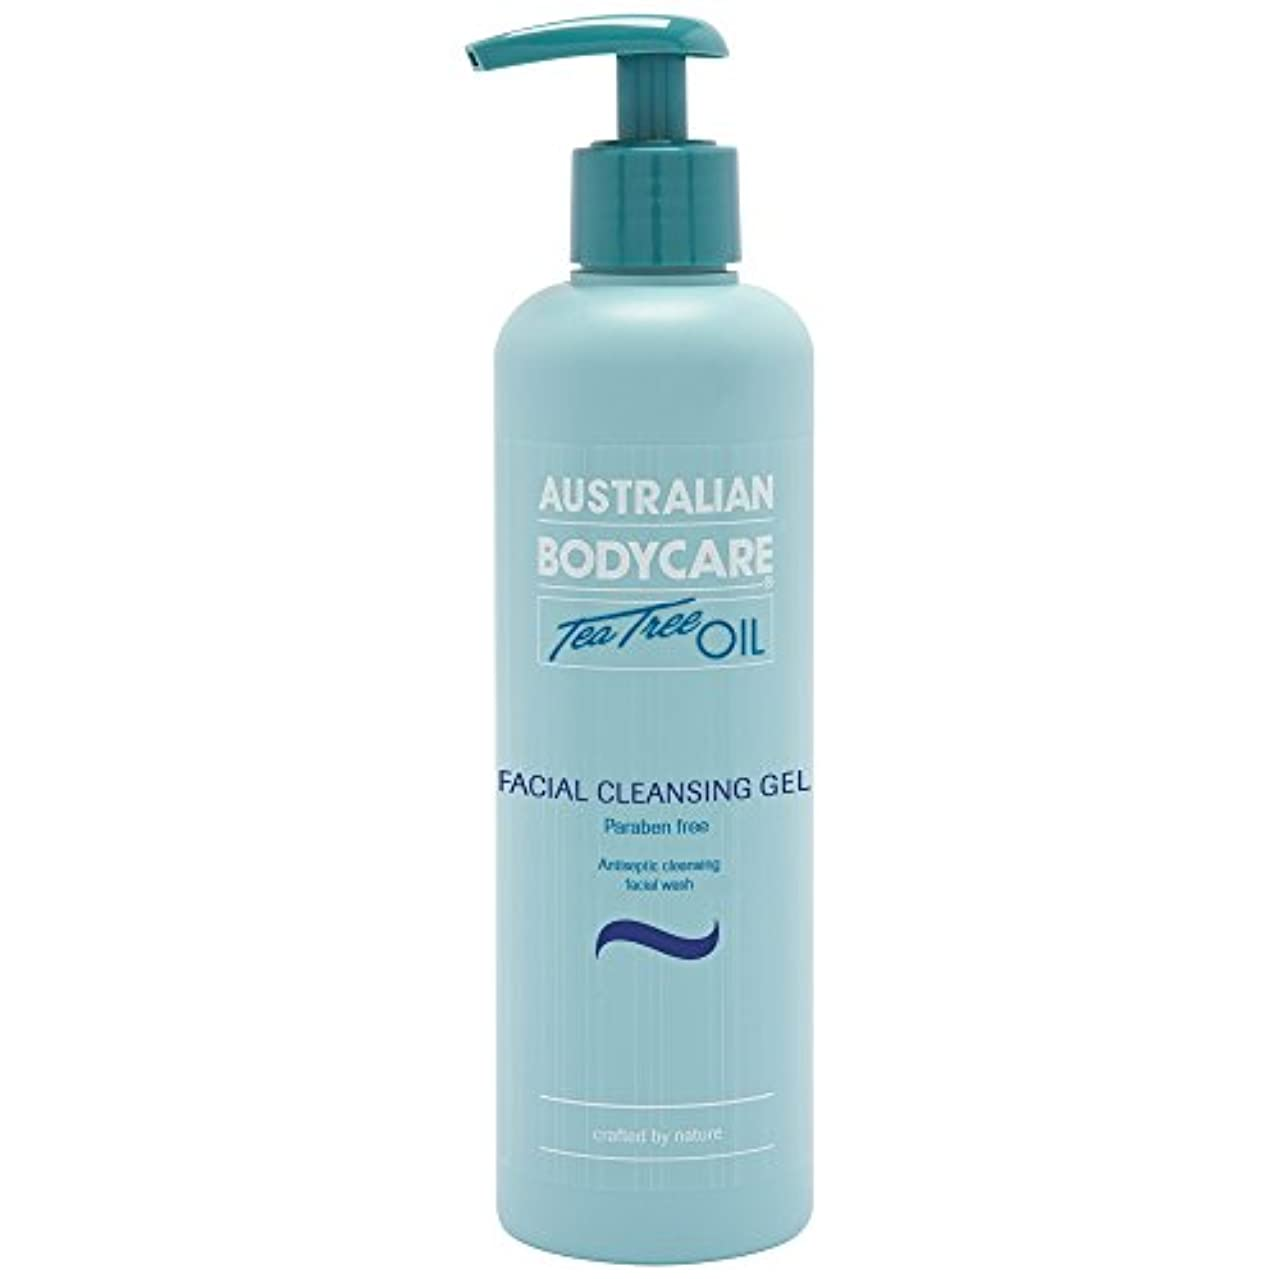 ファンチャンピオン公園オーストラリアのボディーケアティーツリーオイル洗顔ゲル250ミリリットル (Australian Bodycare) - Australian Bodycare Tea Tree Oil Facial Cleansing...